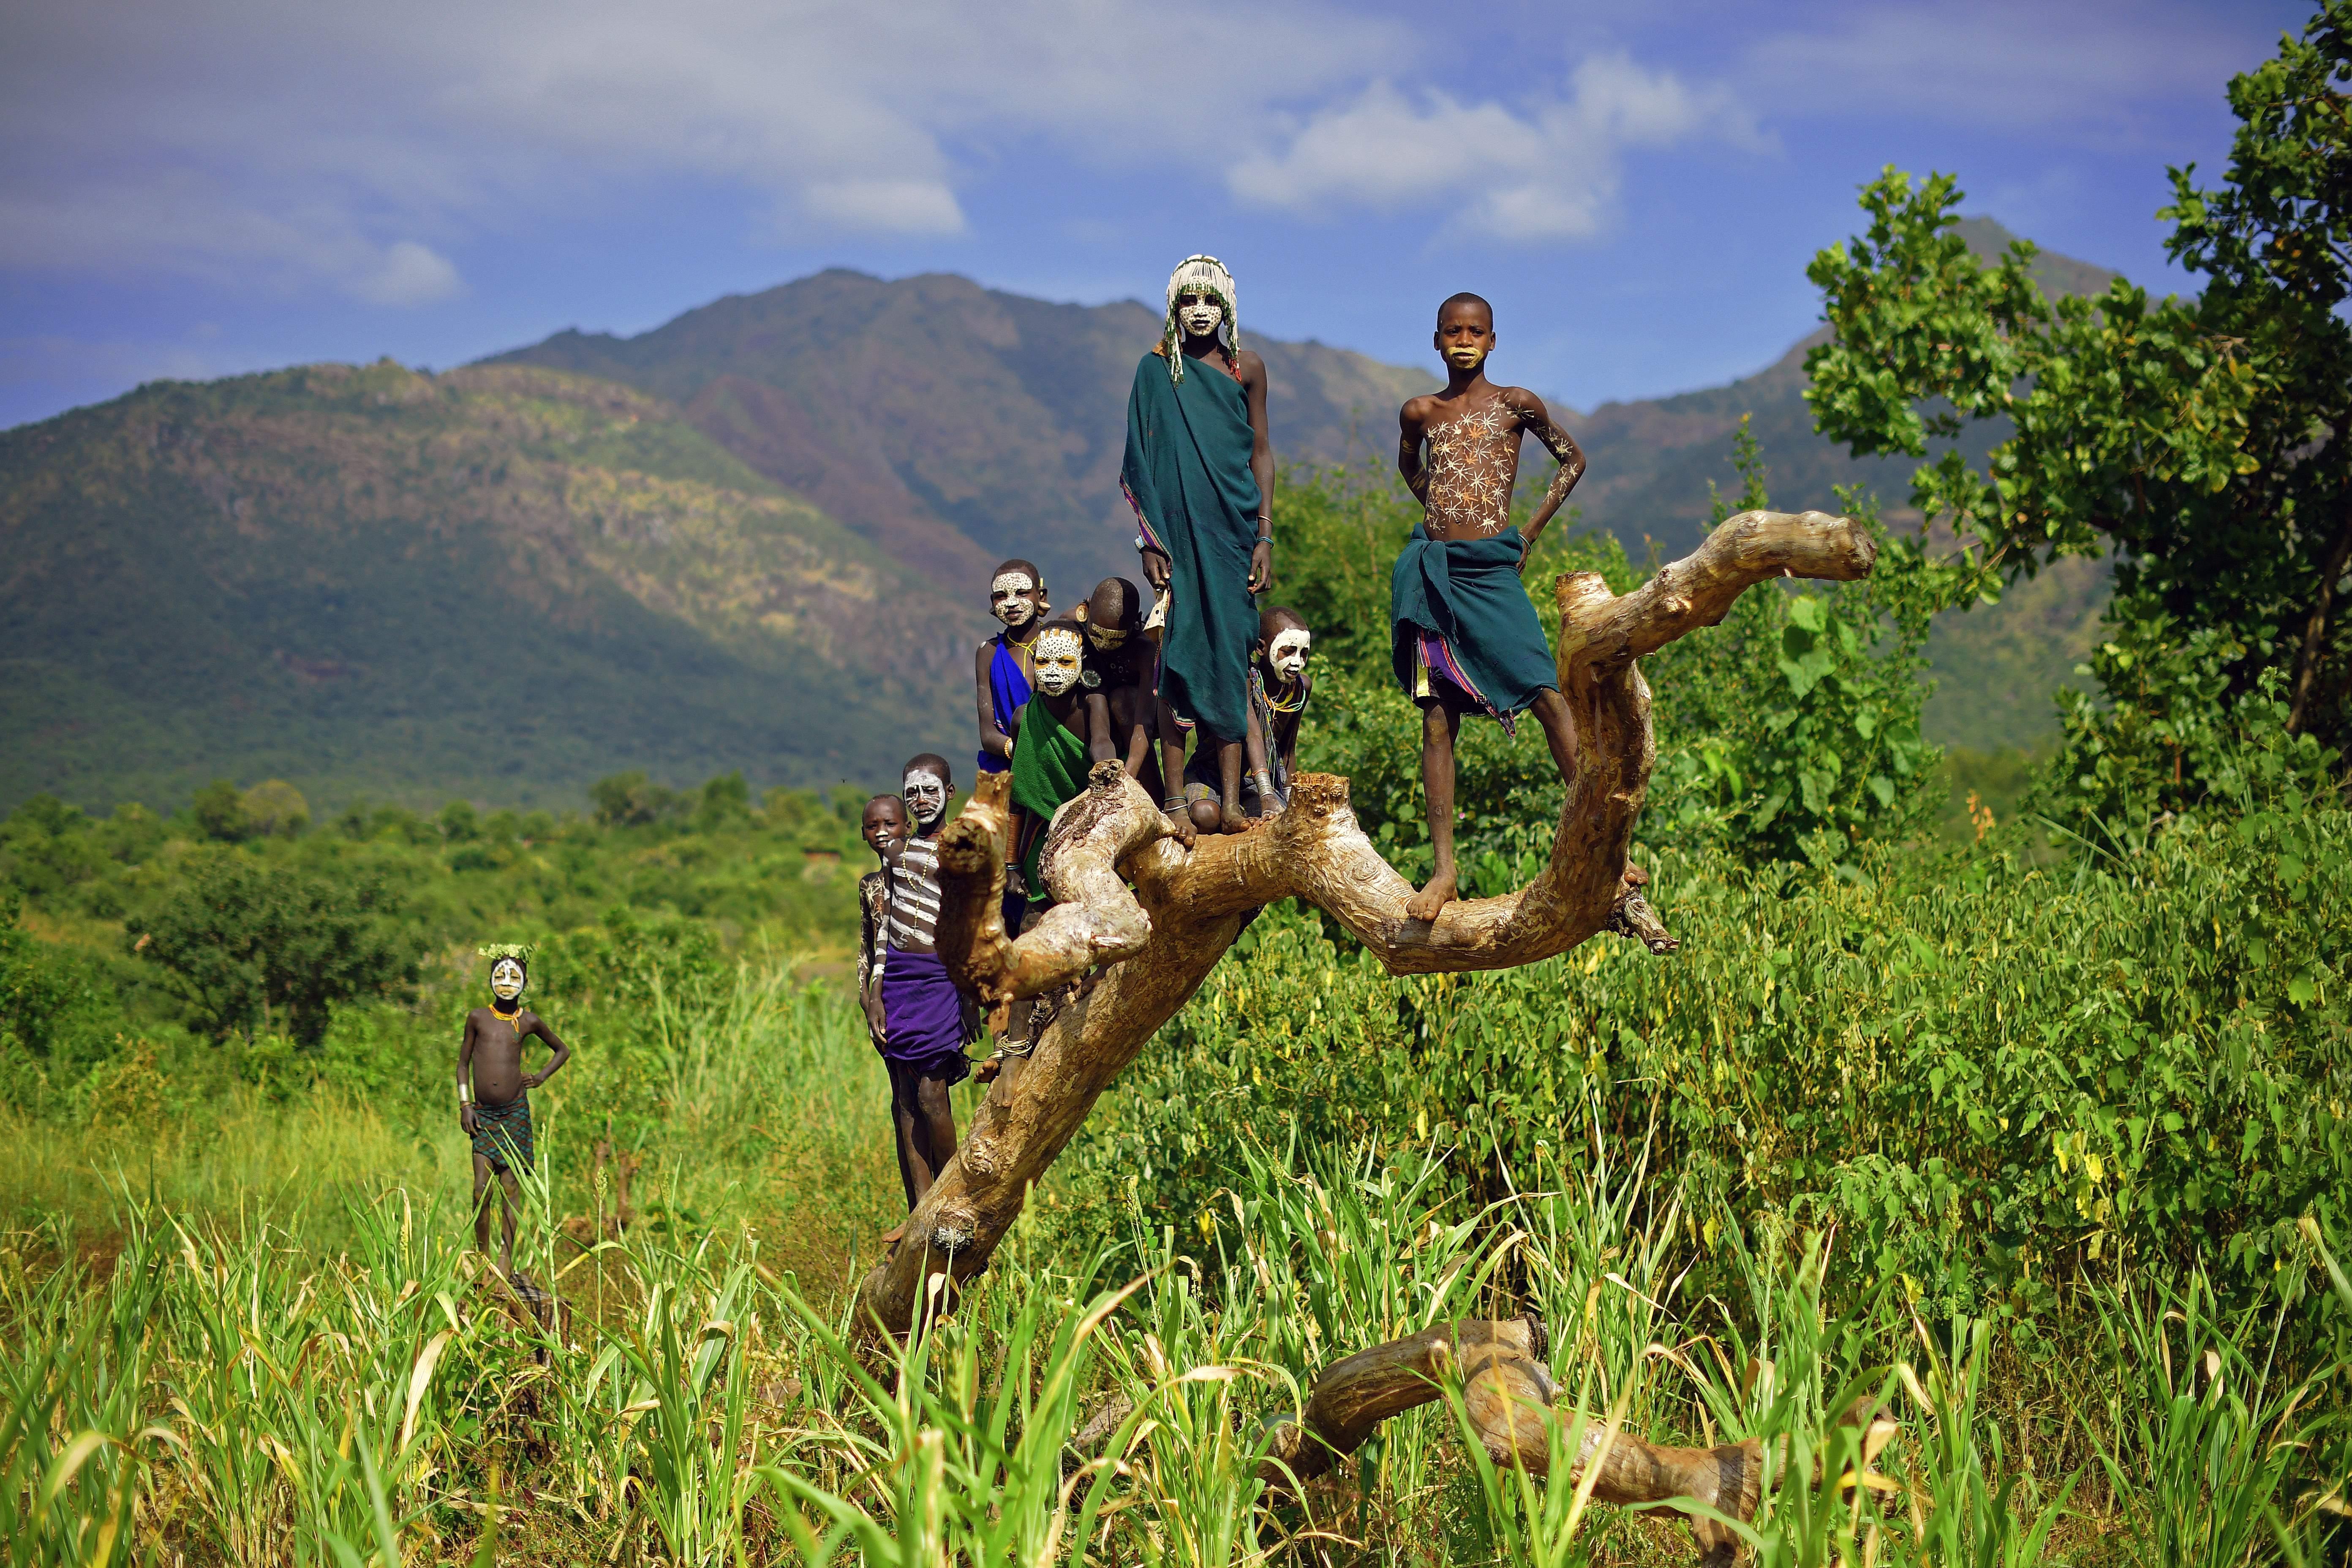 Egy napra bezárták a közhivatalokat Etiópiában, hogy mindenki elmehessen fát ültetni